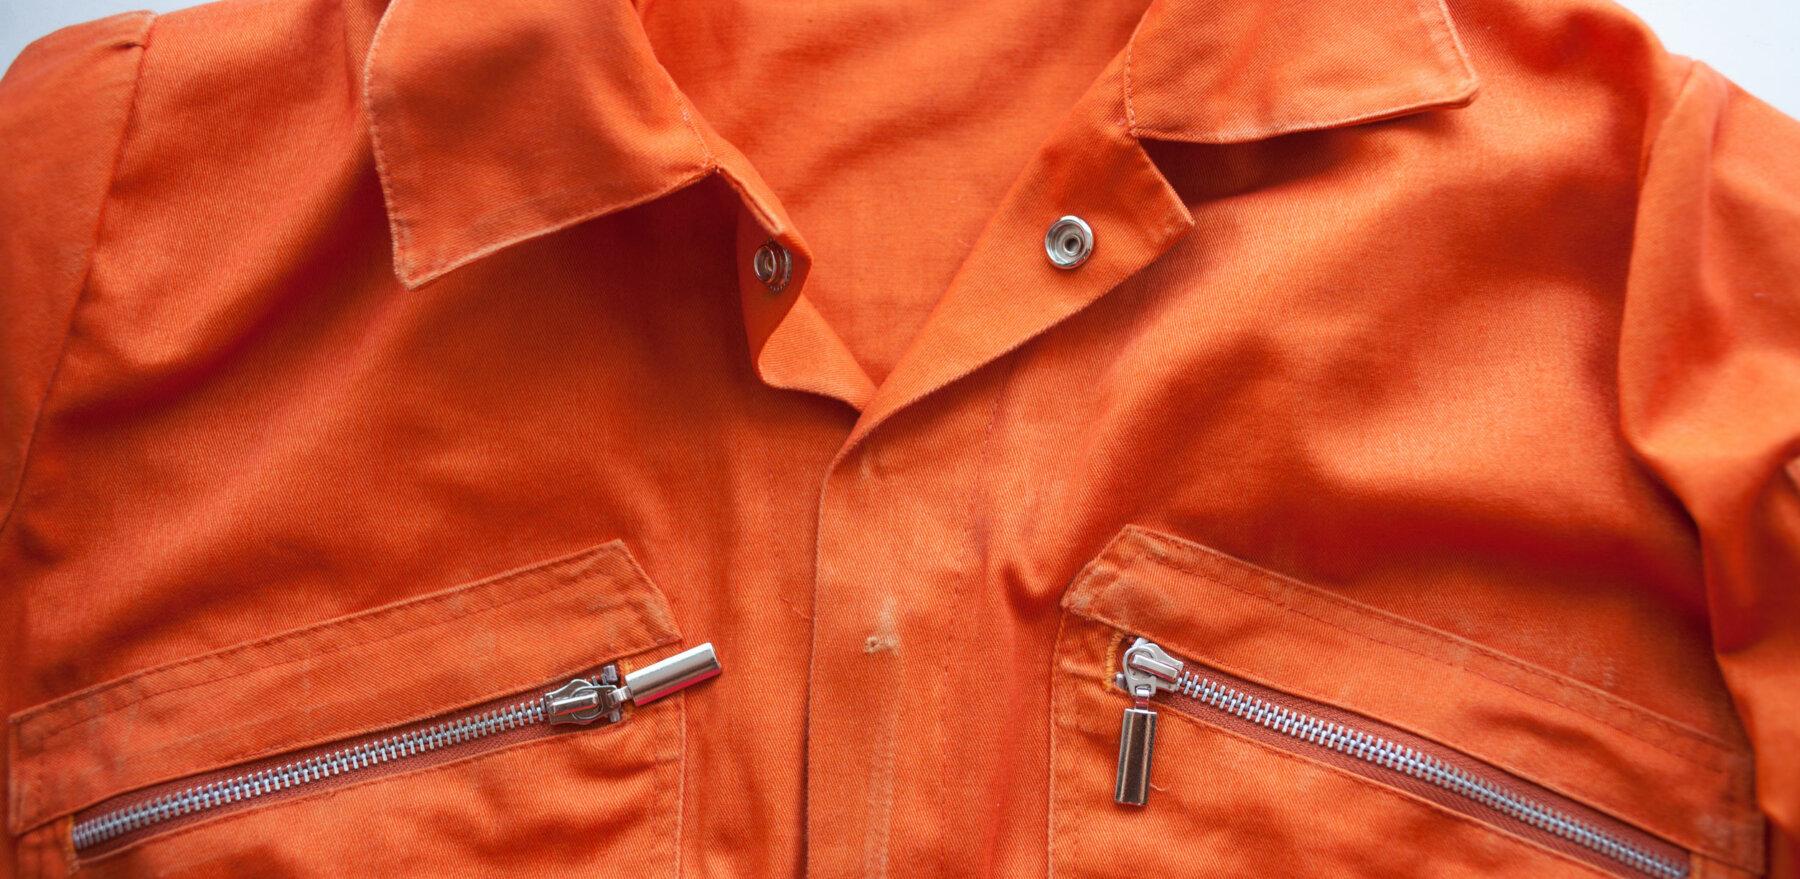 An orange jumpsuit of a prisoner. close up. Prison clothes, prisoner overalls